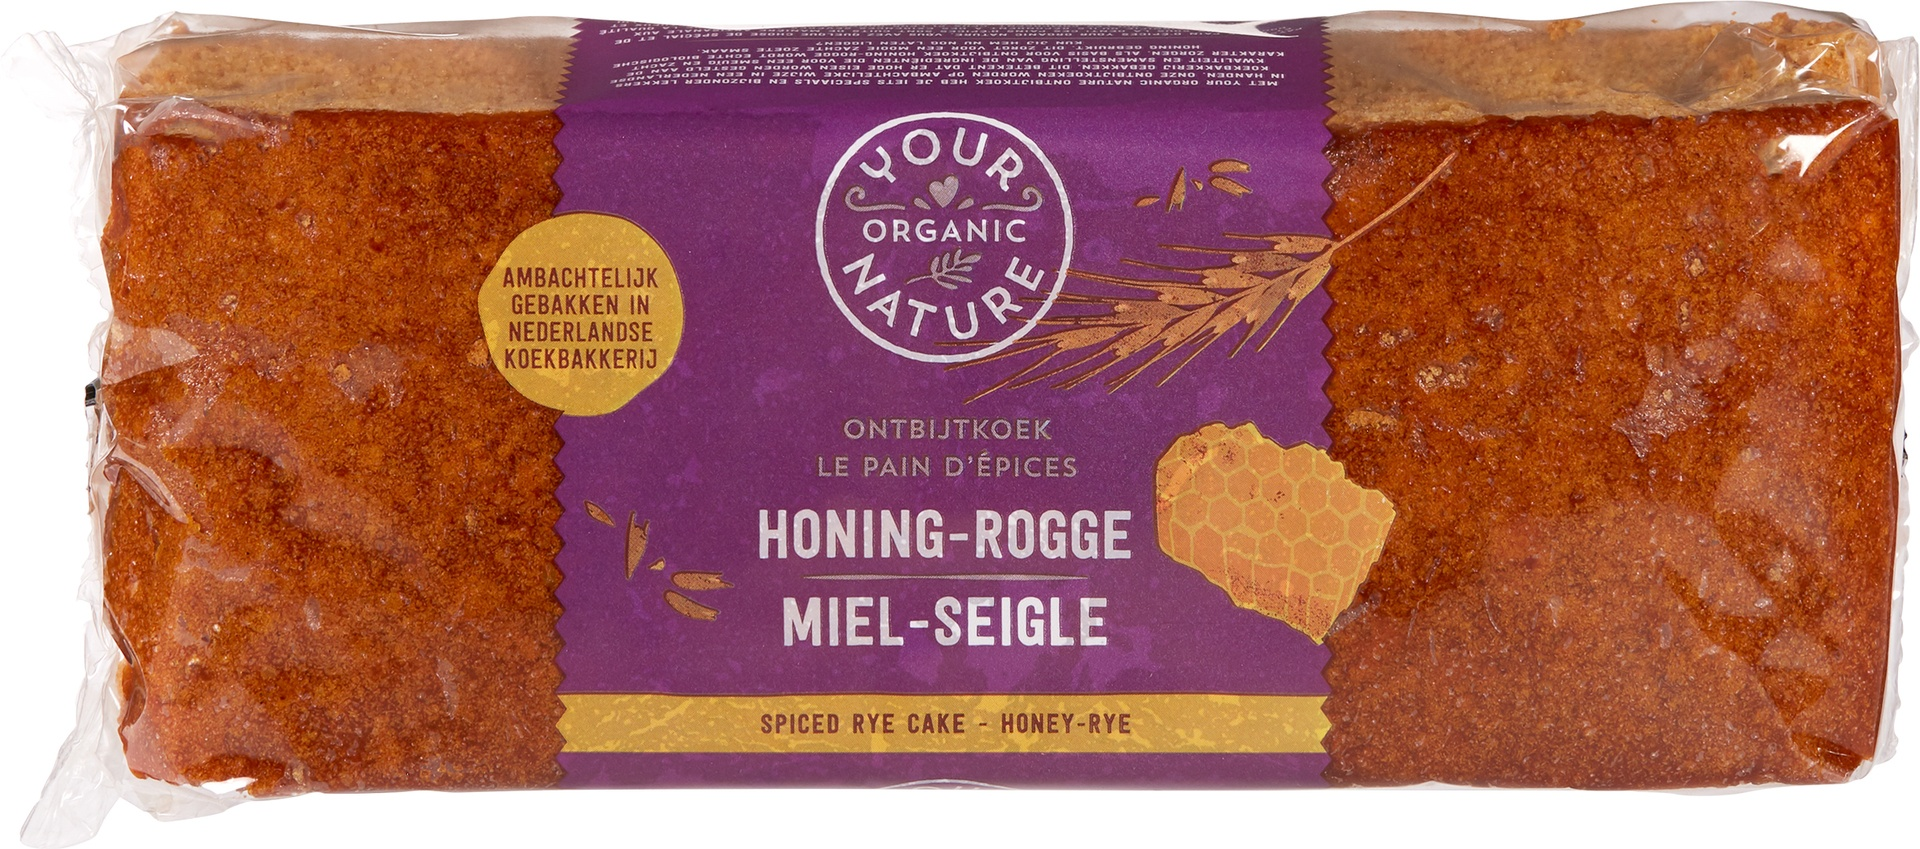 Biologische Your Organic Nature Ontbijtkoek honing-rogge 400 gr